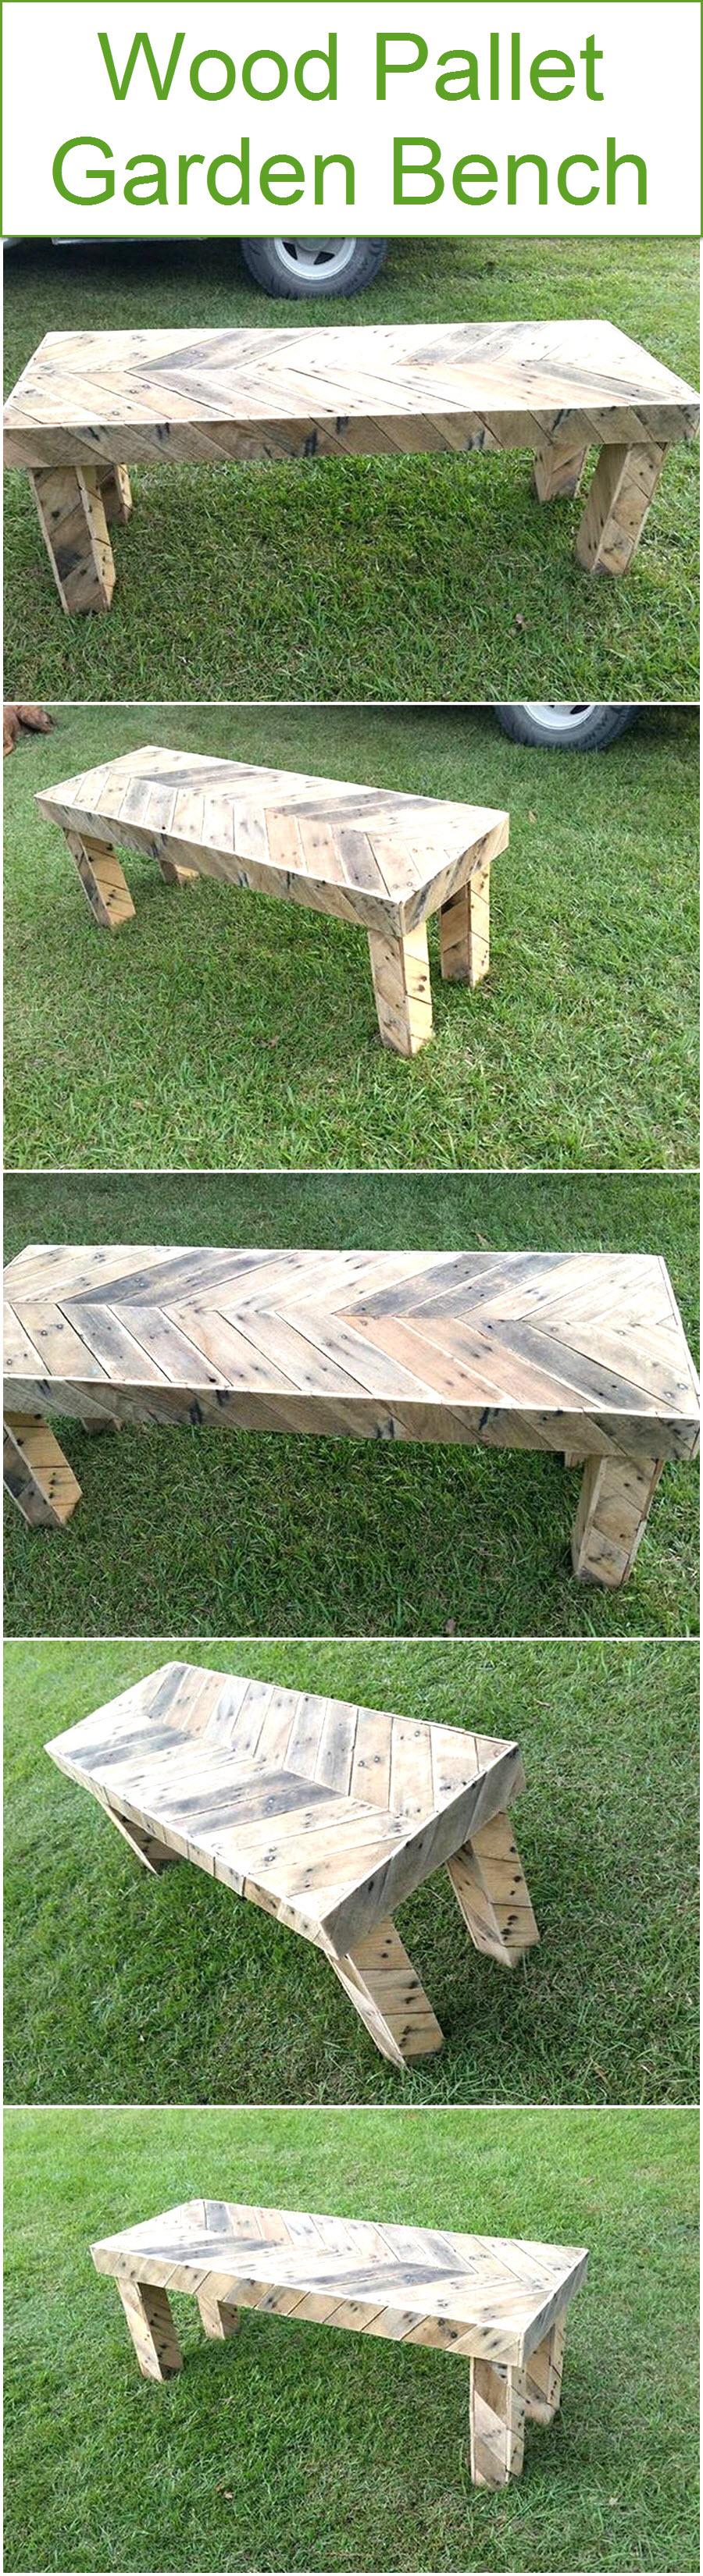 wood-pallet-garden-bench